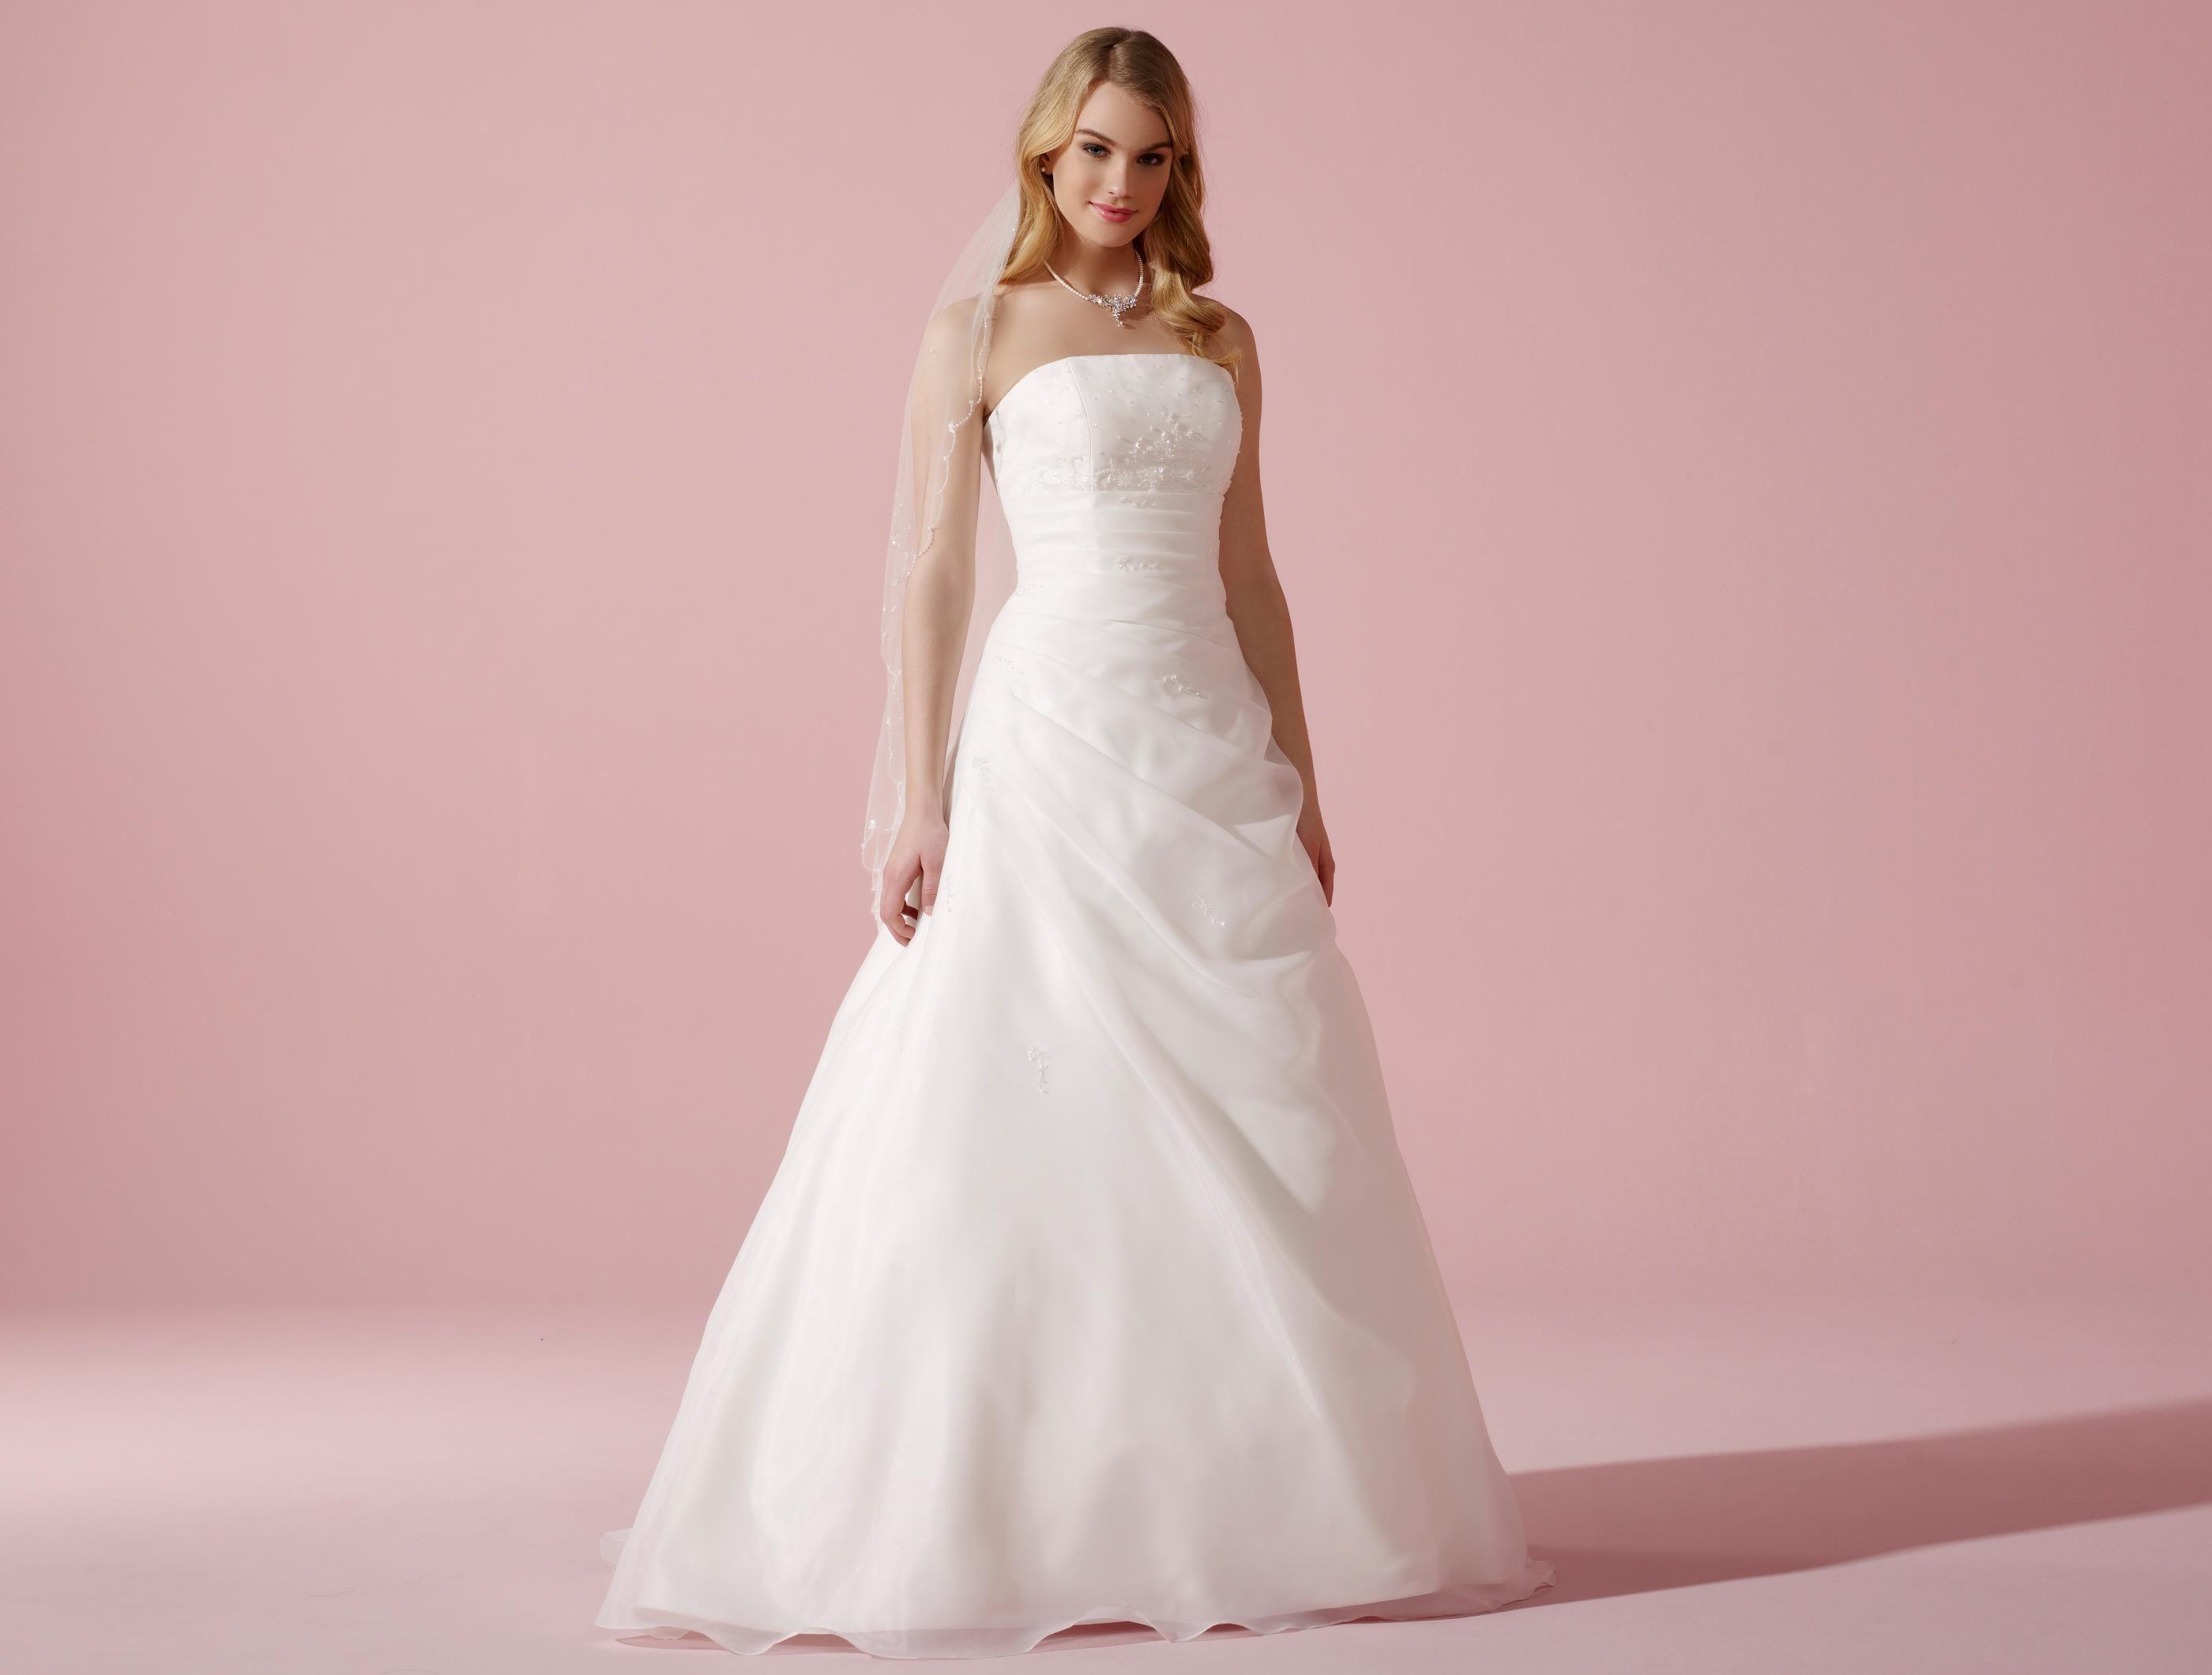 Hochzeitskleider berlin lilly